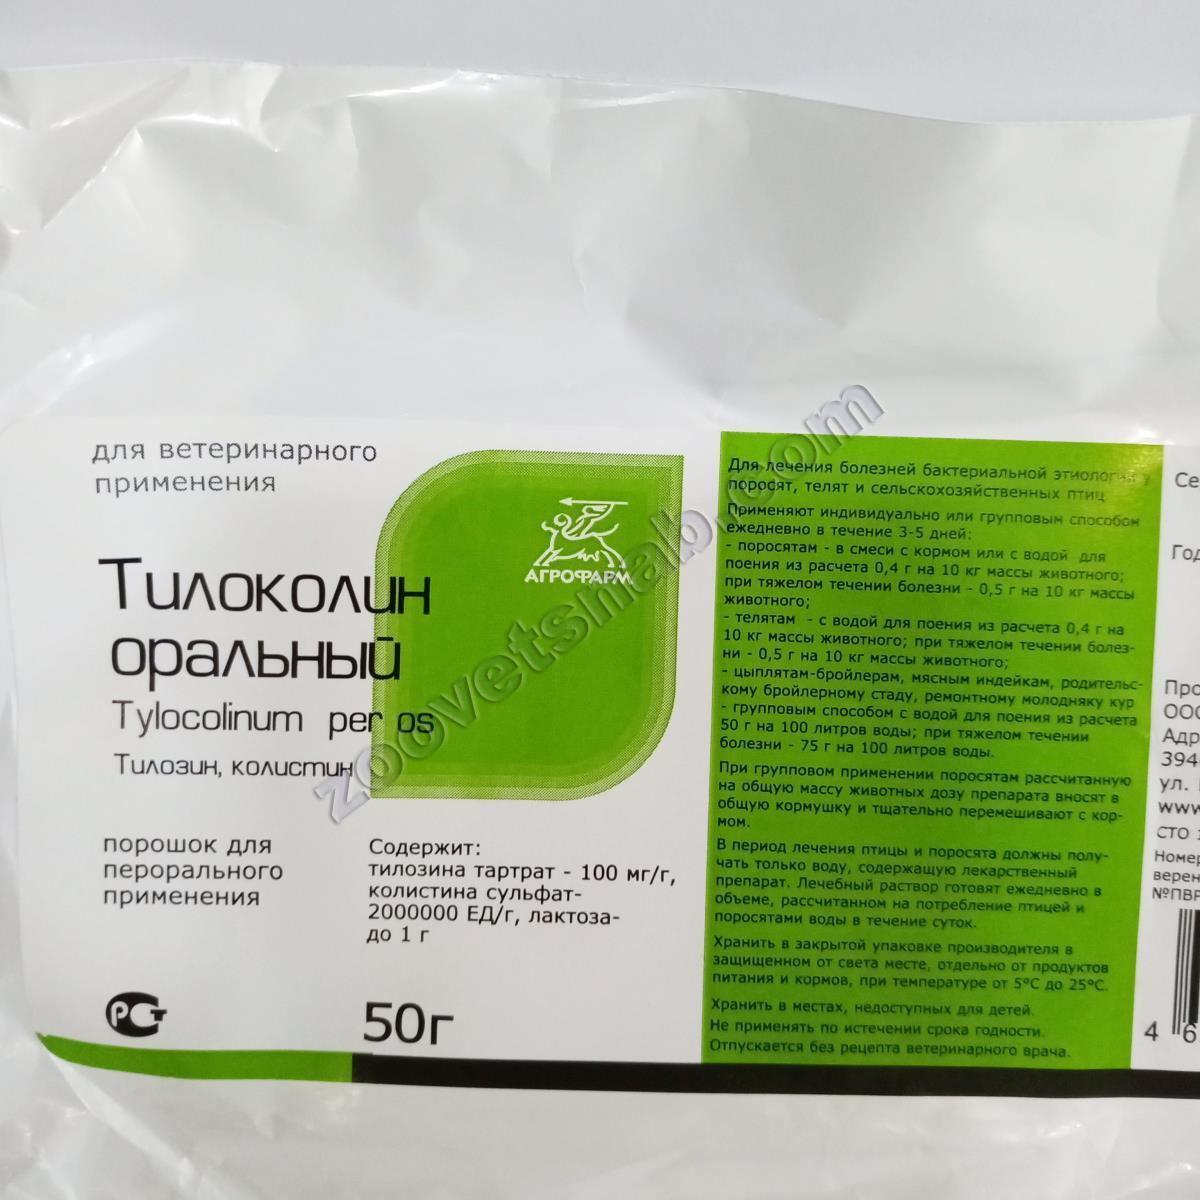 Тилоколин оральный – инструкция по применению в ветеринарии для птиц и животных